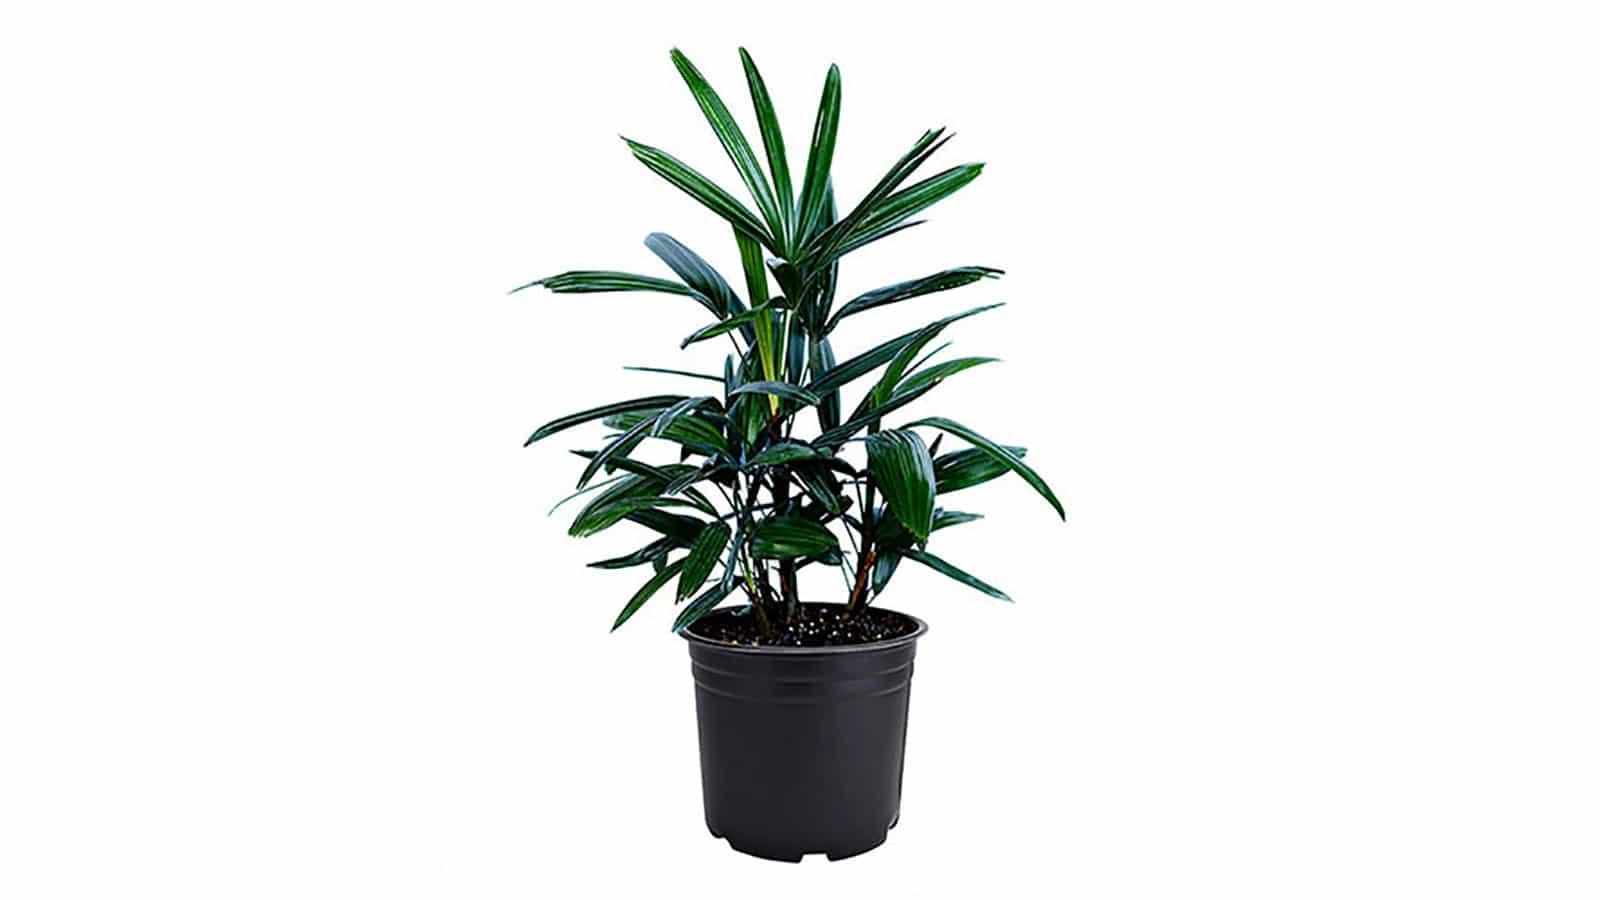 Палма Рапис (Rhapis Excelsa). Как да пречистим въздуха у дома със стайни растения?